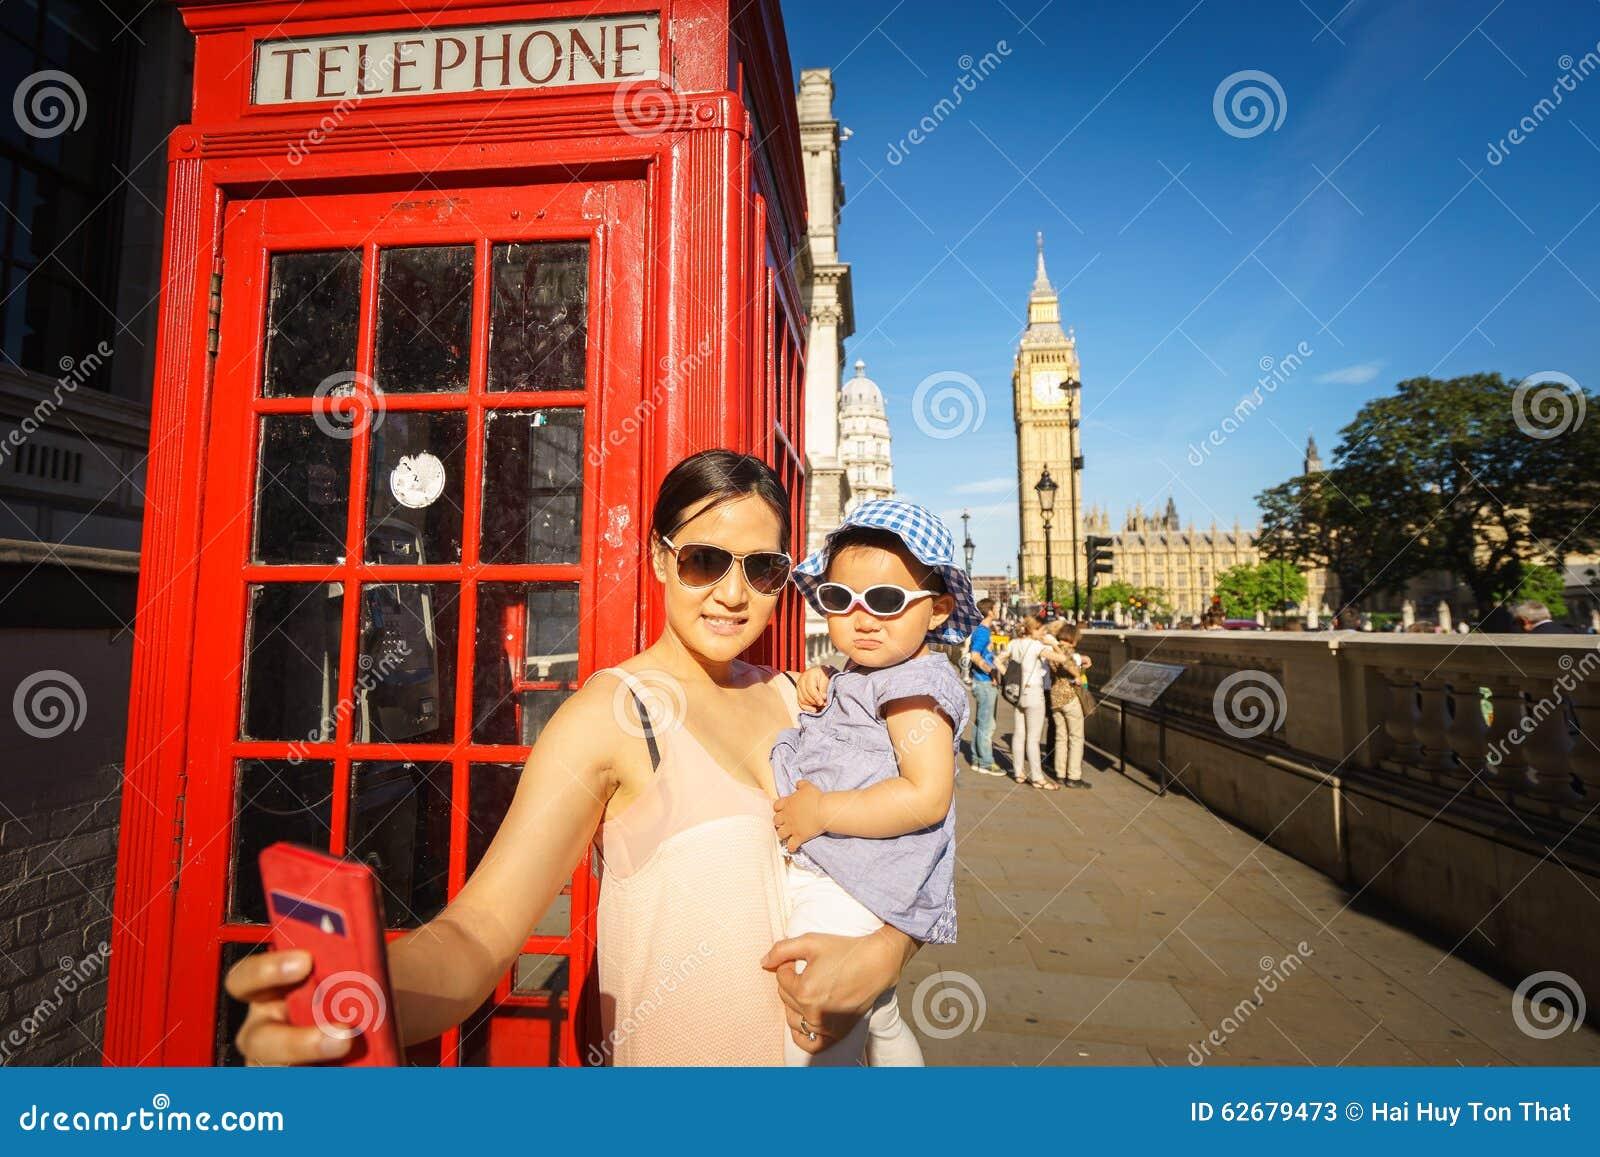 online dating fotografie Londen